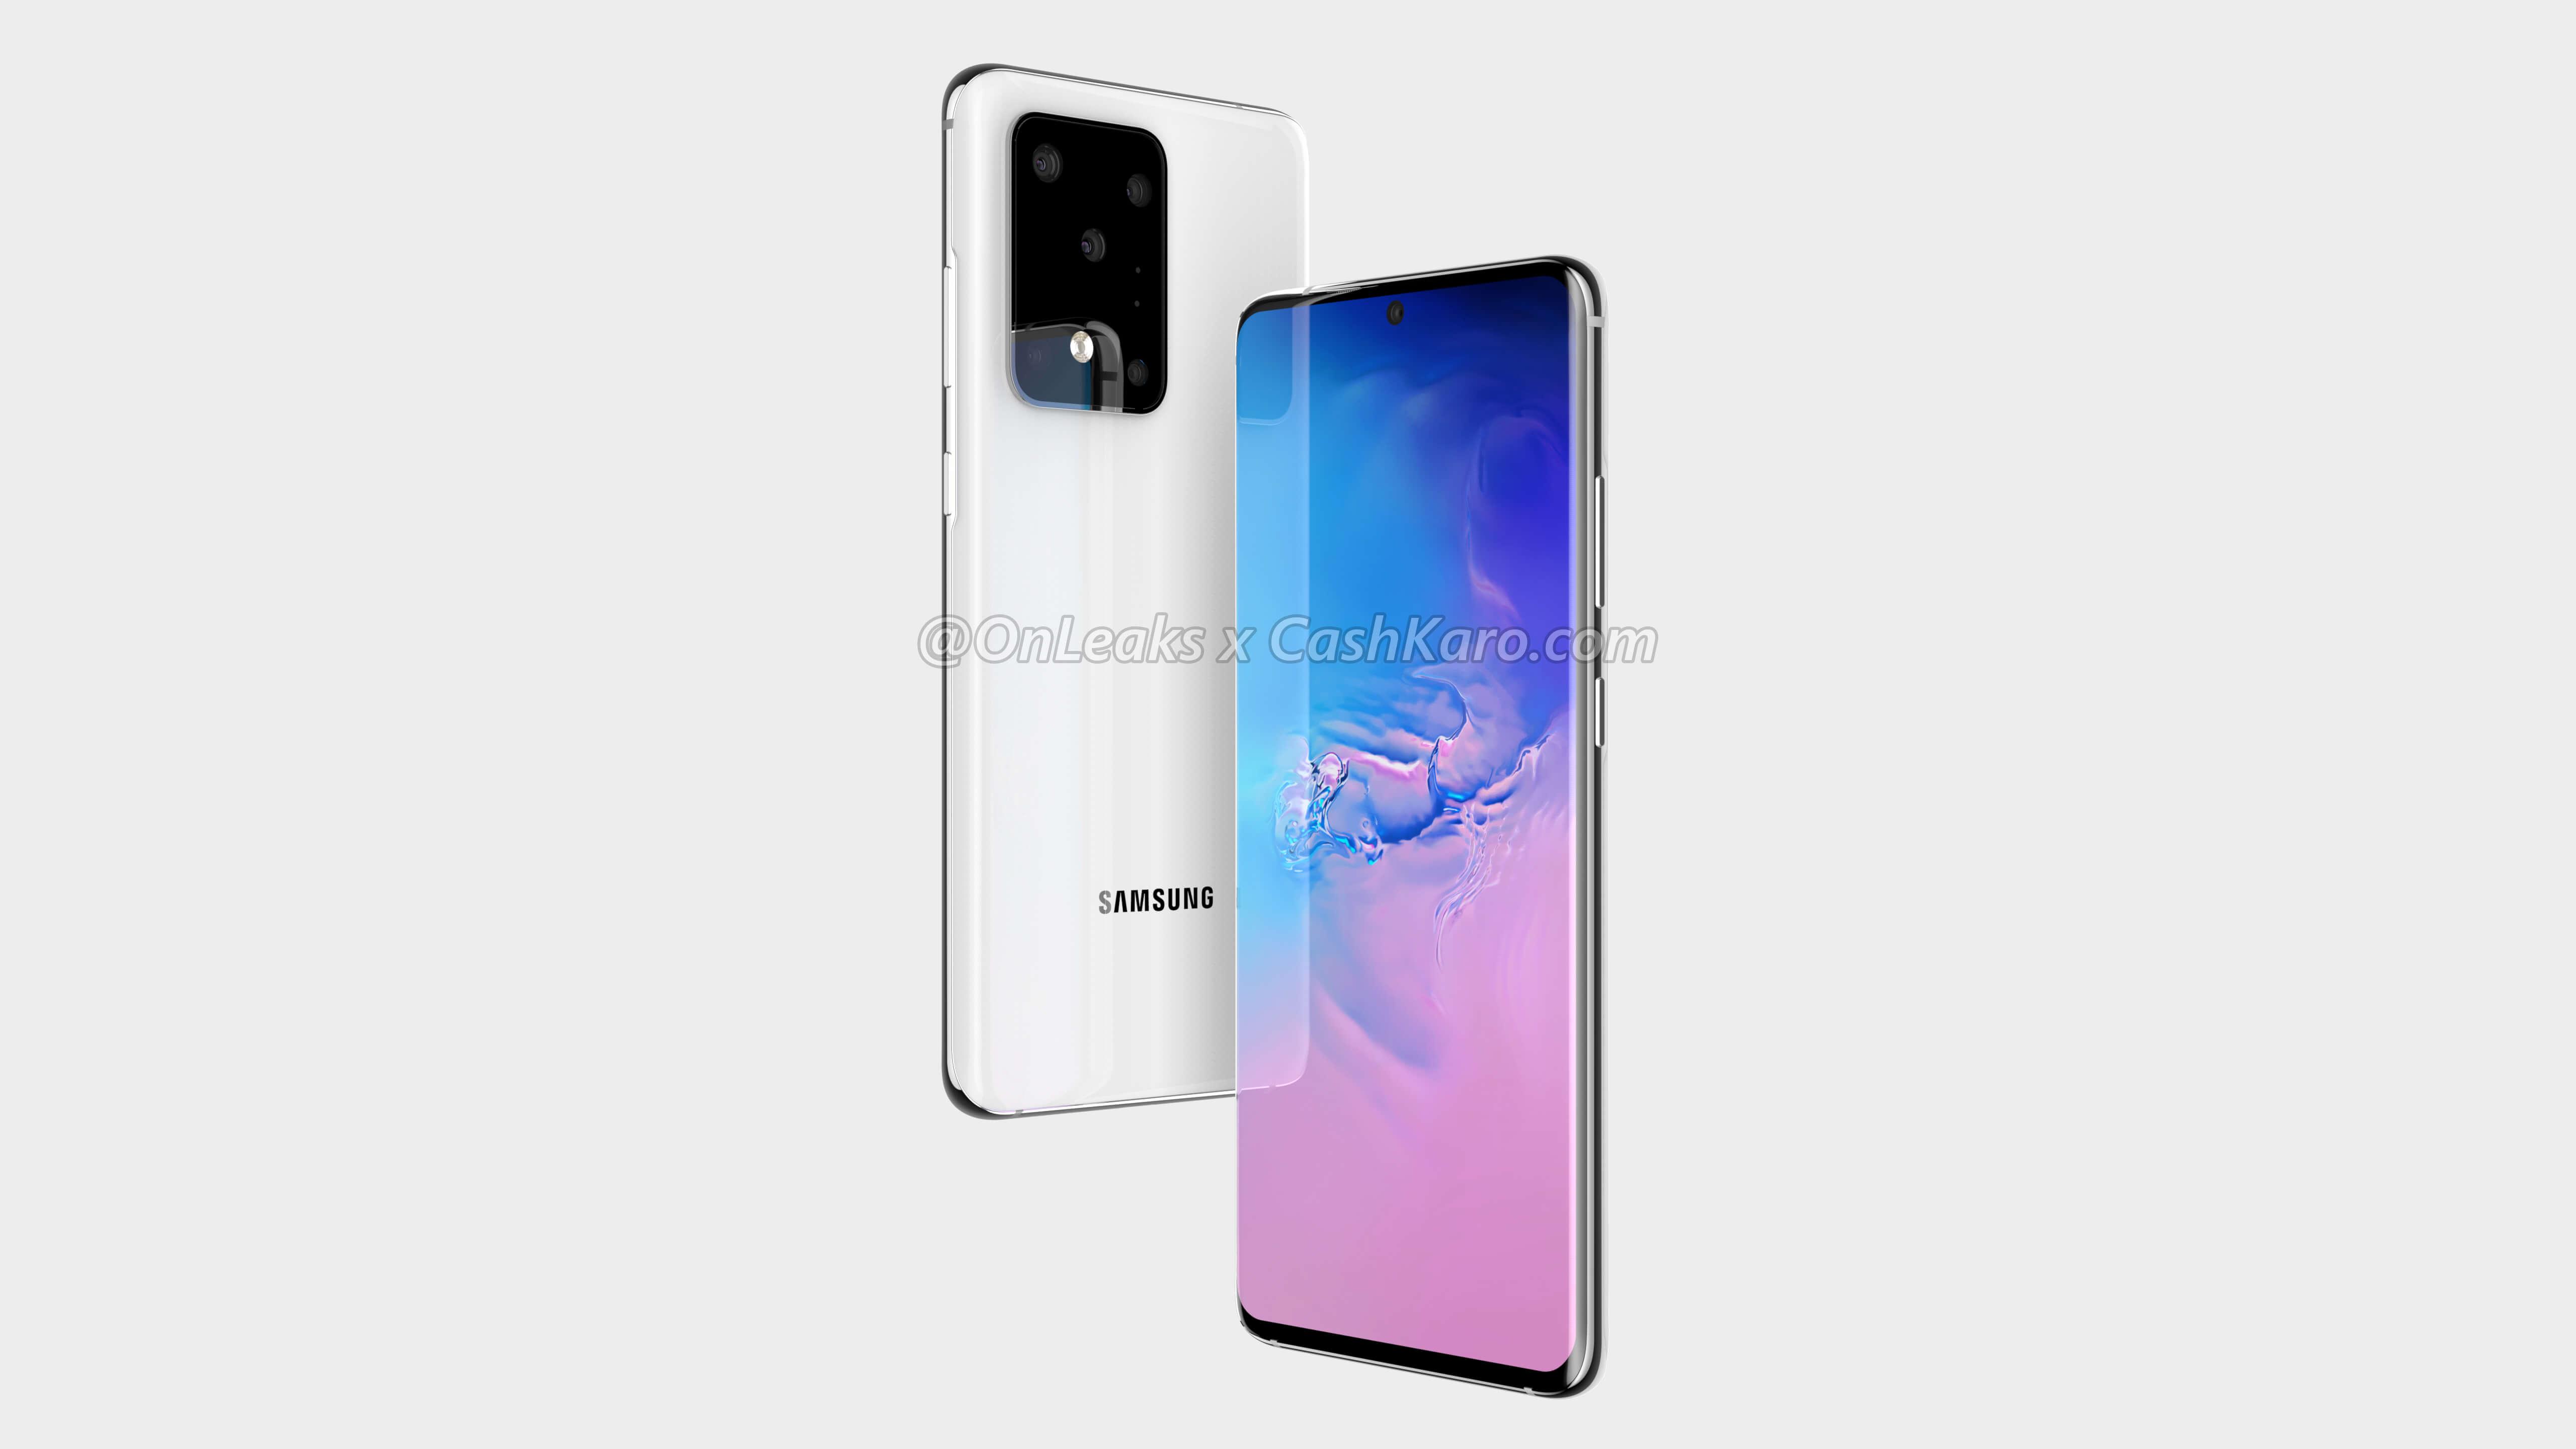 Samsung Galaxy S11 Plus render (3)